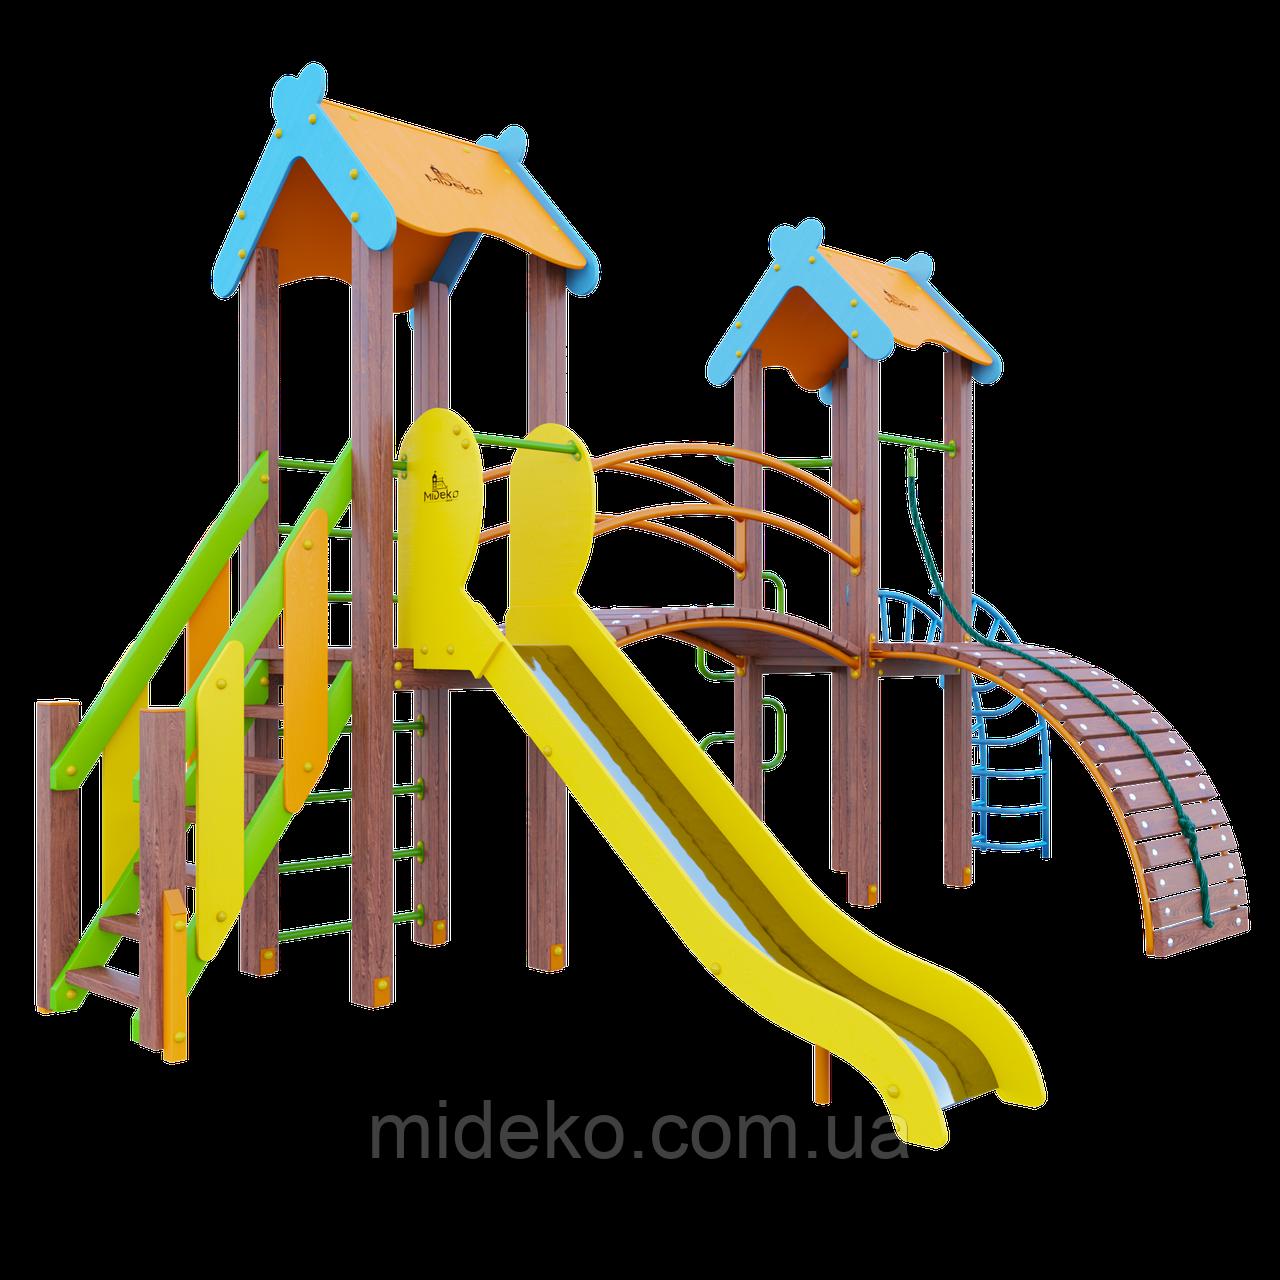 """Ігровий комплекс """"Марк 150"""" MIDEKO"""